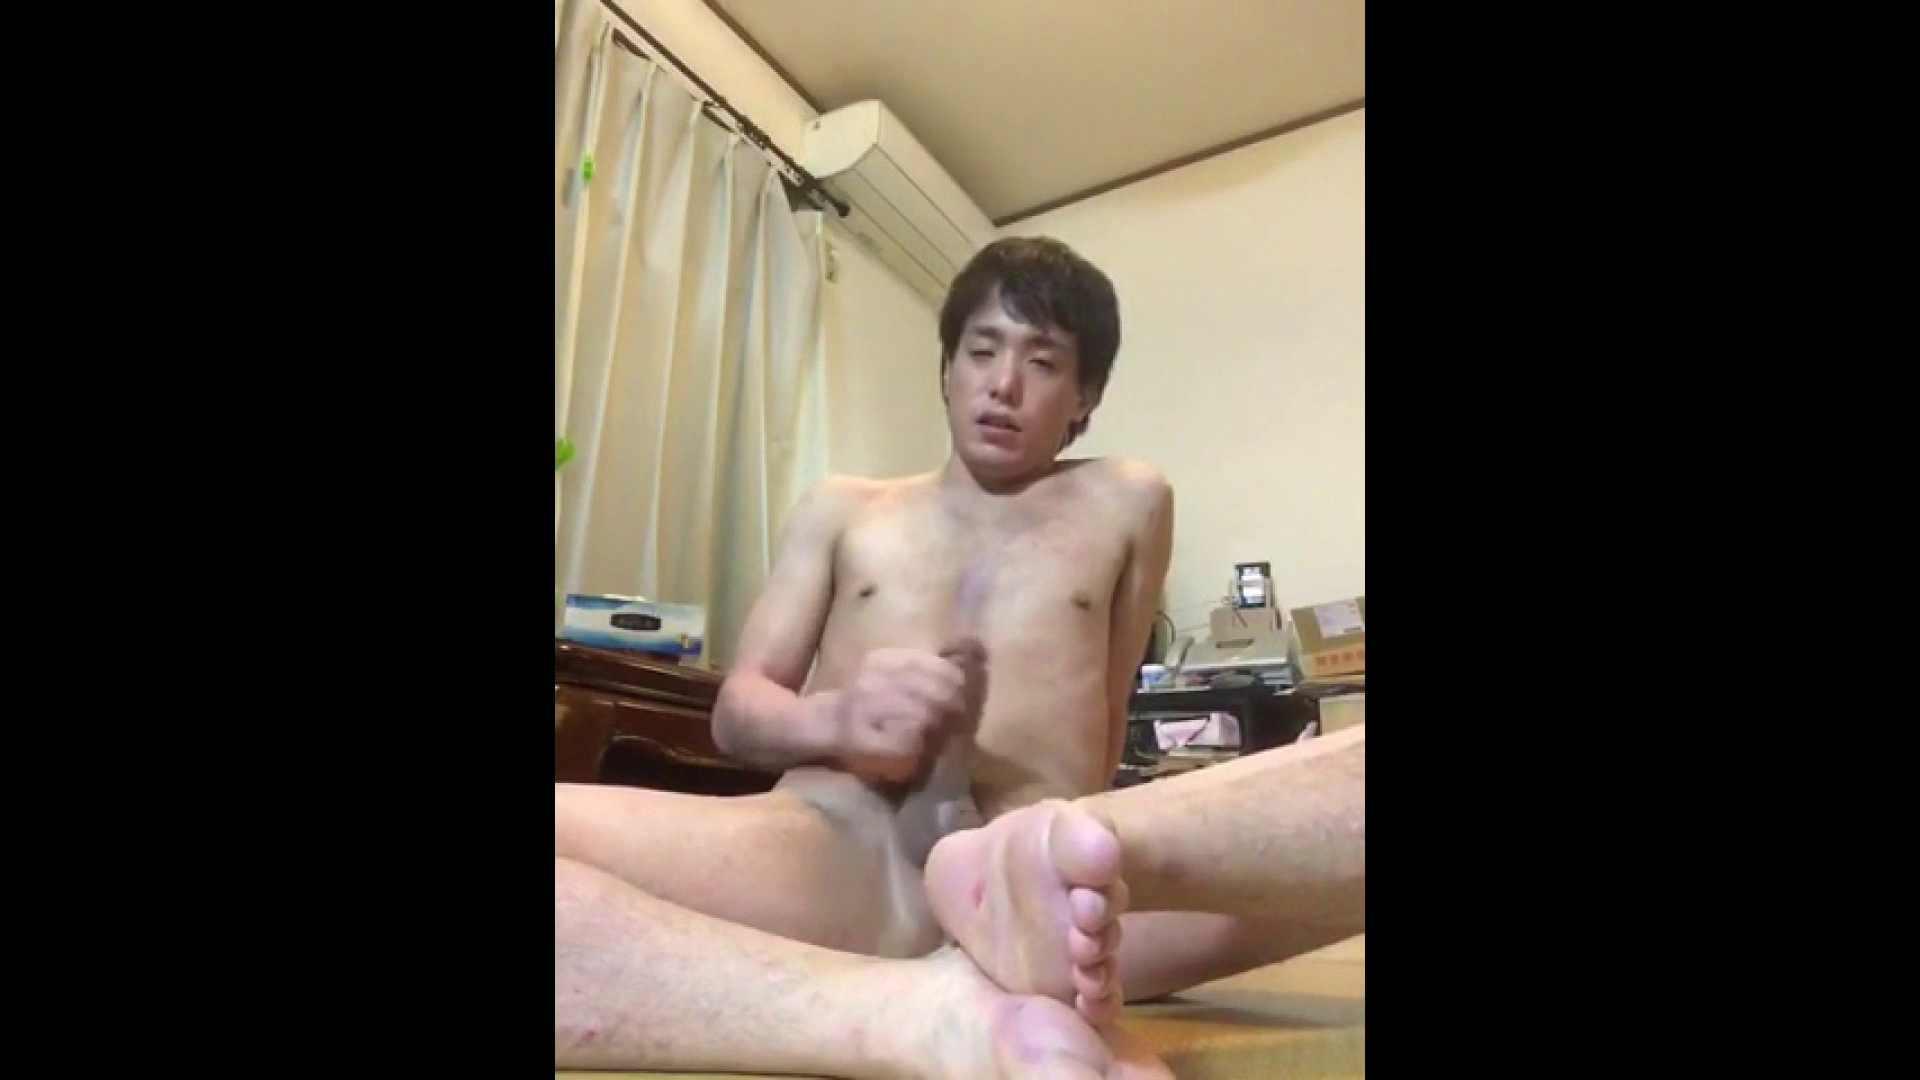 個人撮影 自慰の極意 Vol.30 モザイク無し ゲイエロ動画 87pic 39